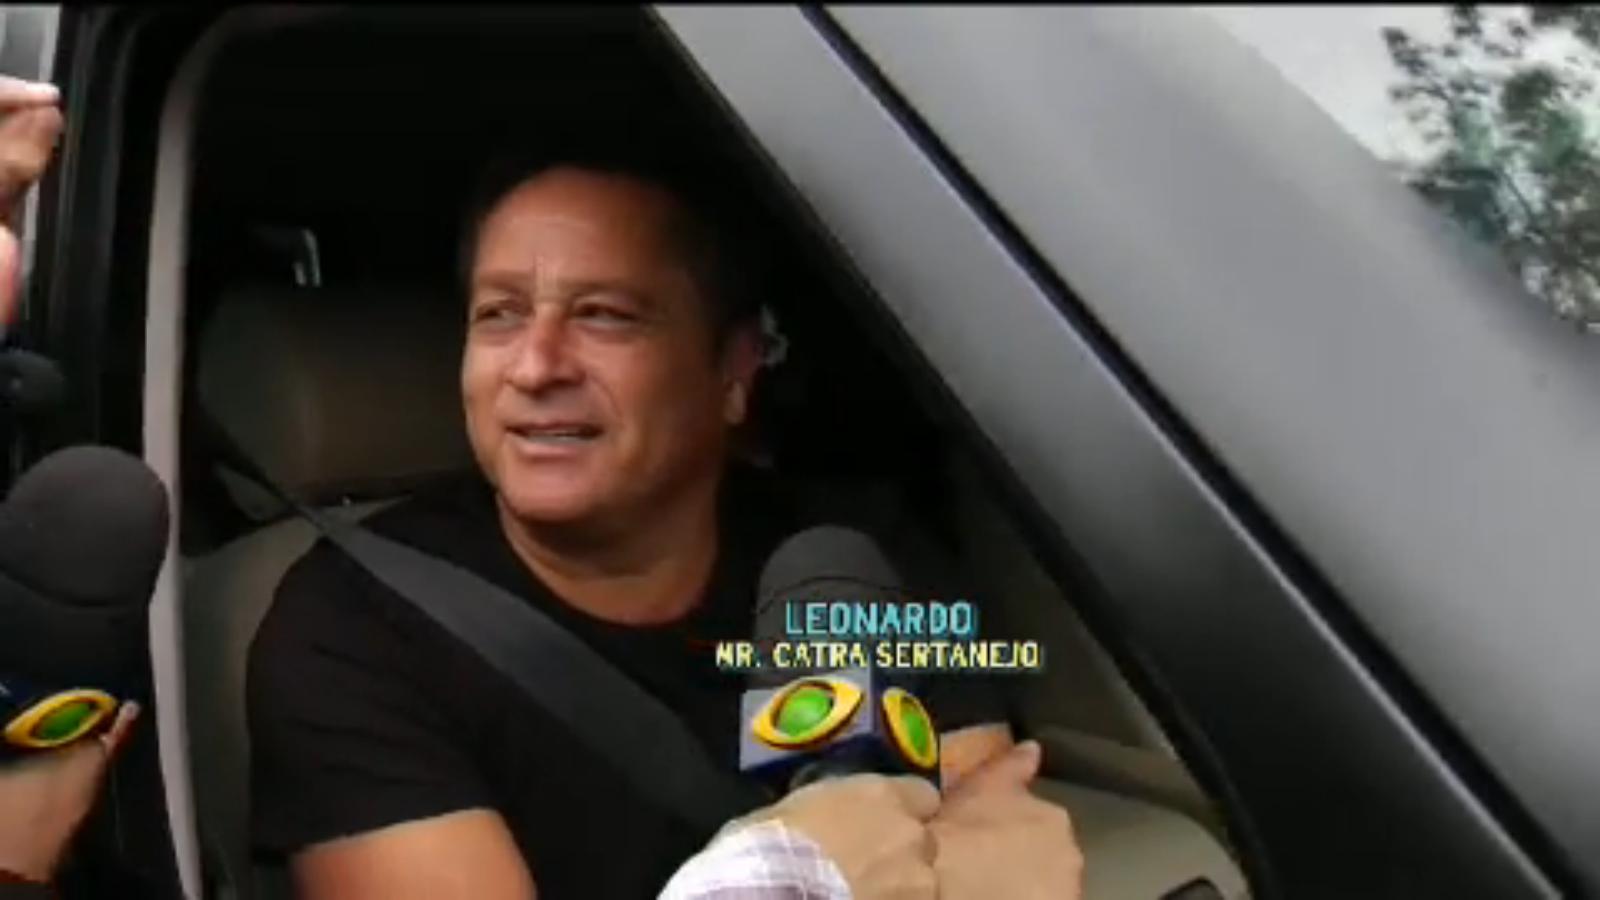 programa Pânico entrevista Leonardo 25 10 2105